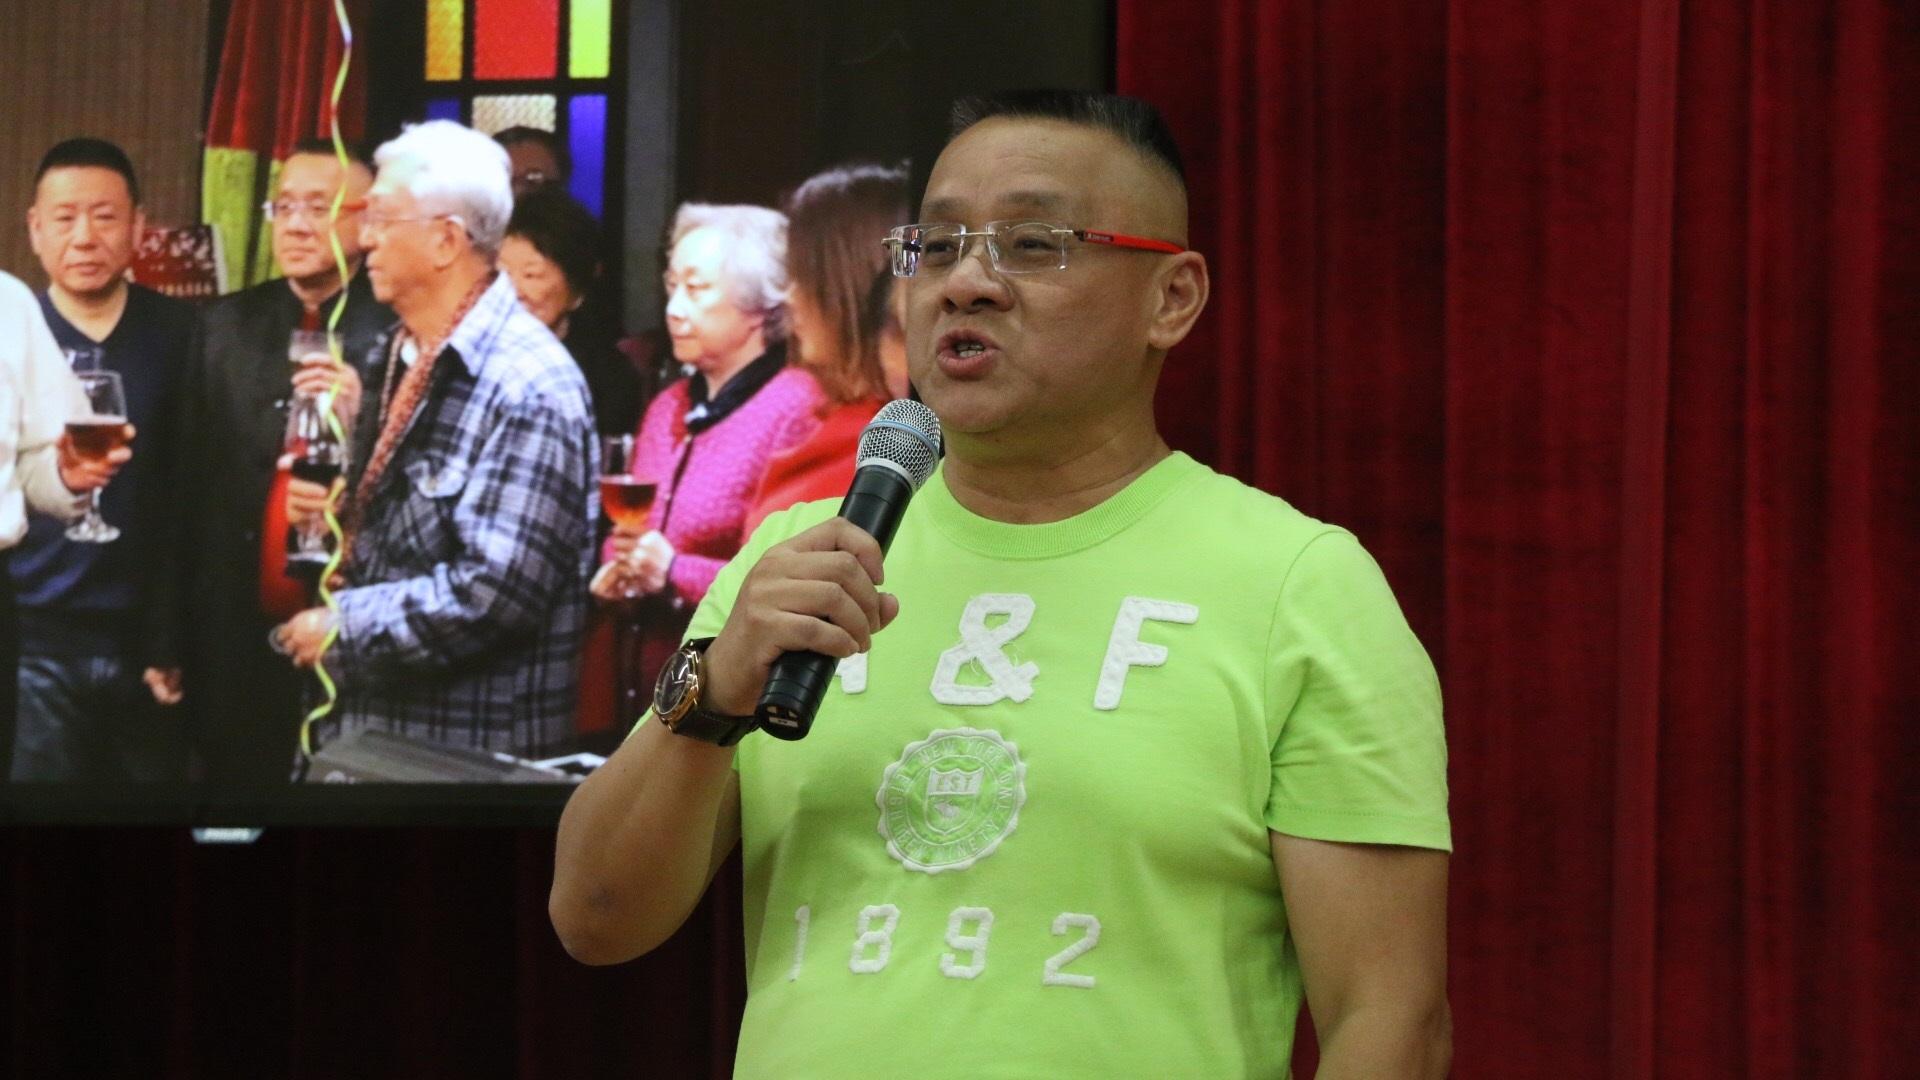 2018梅拉诺国际音乐大赛组织委员会主席、美中华人音乐家协会创会会长,梅拉诺文化演艺公司总裁-李愔宣布首届梅拉诺国际音乐大赛正式启动。